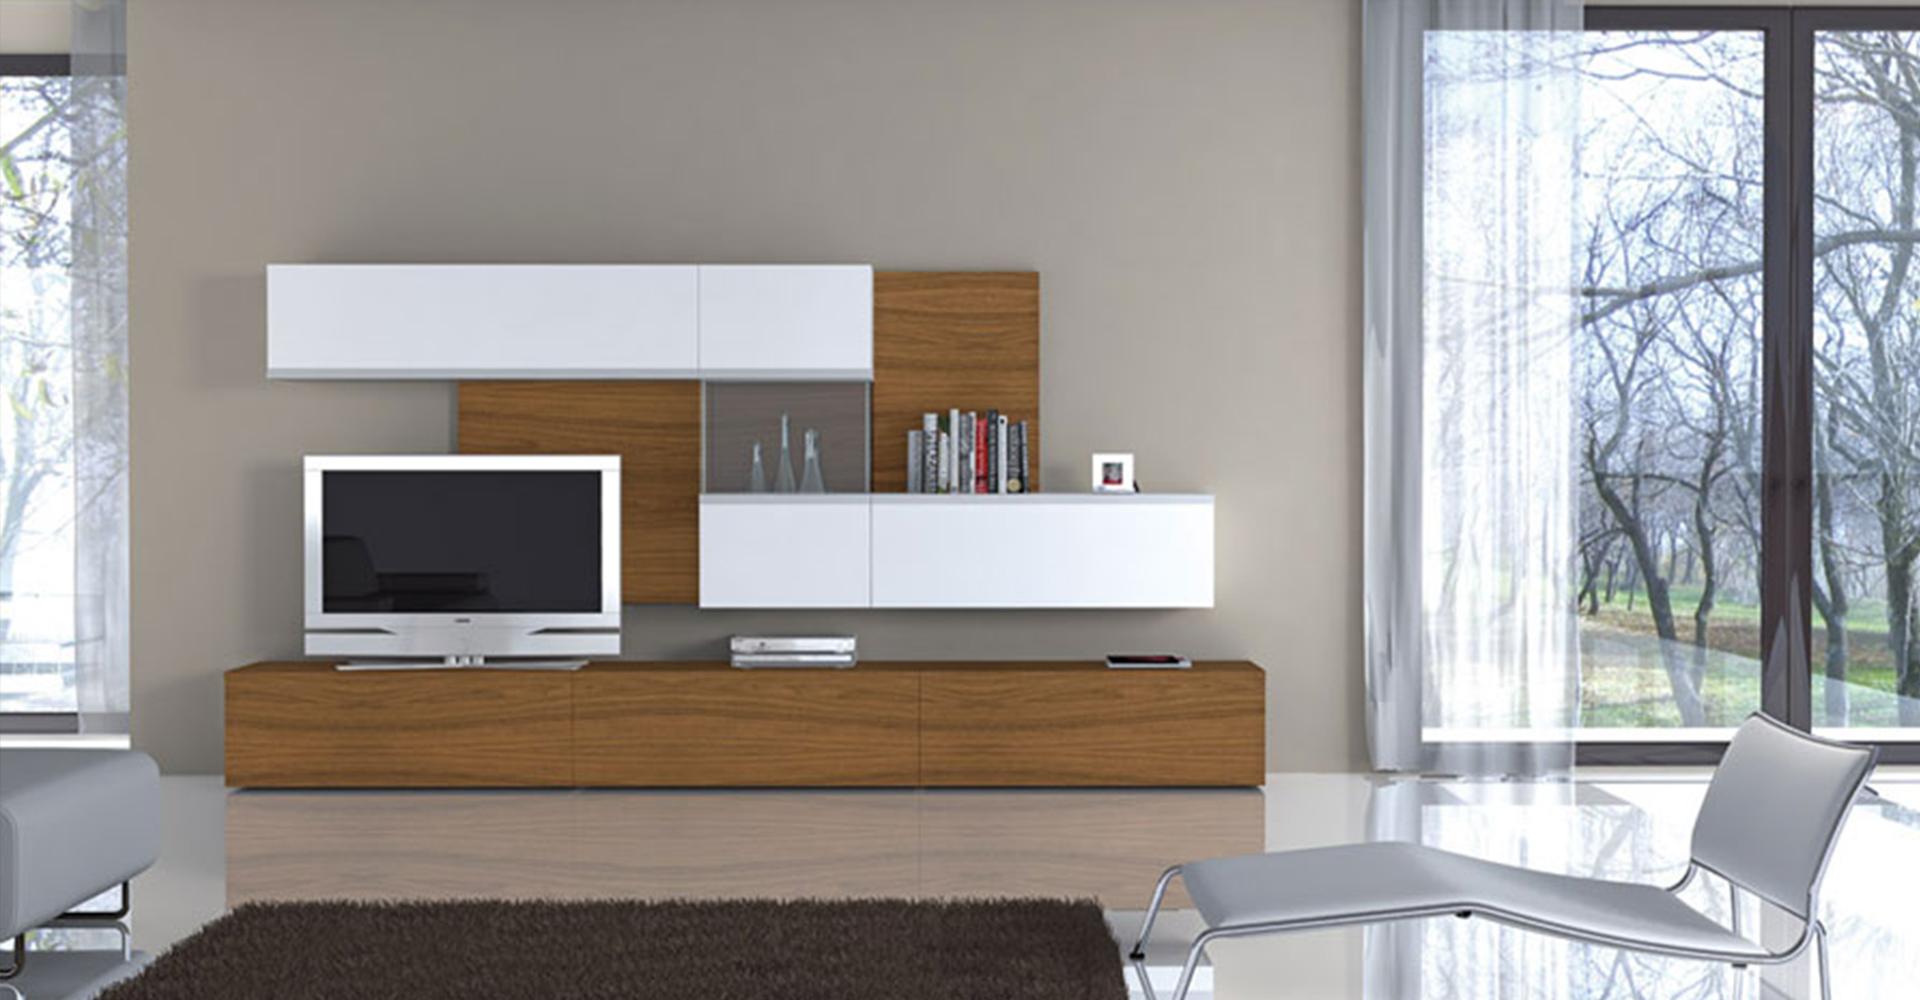 salones de estilo moderno (6)